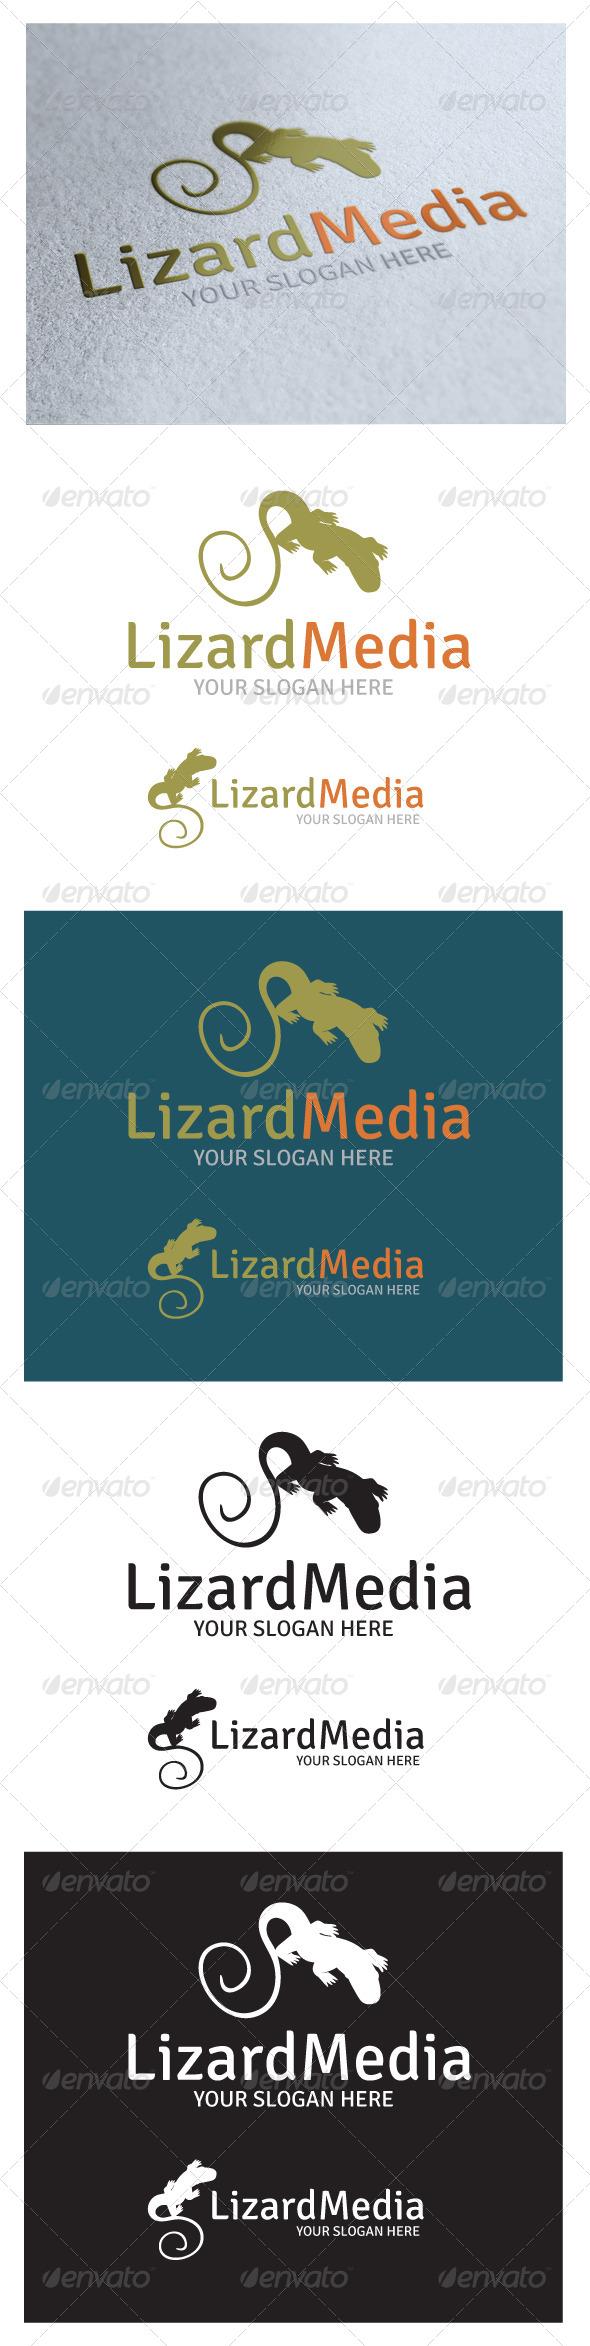 GraphicRiver Lizard Media Logo 4978222